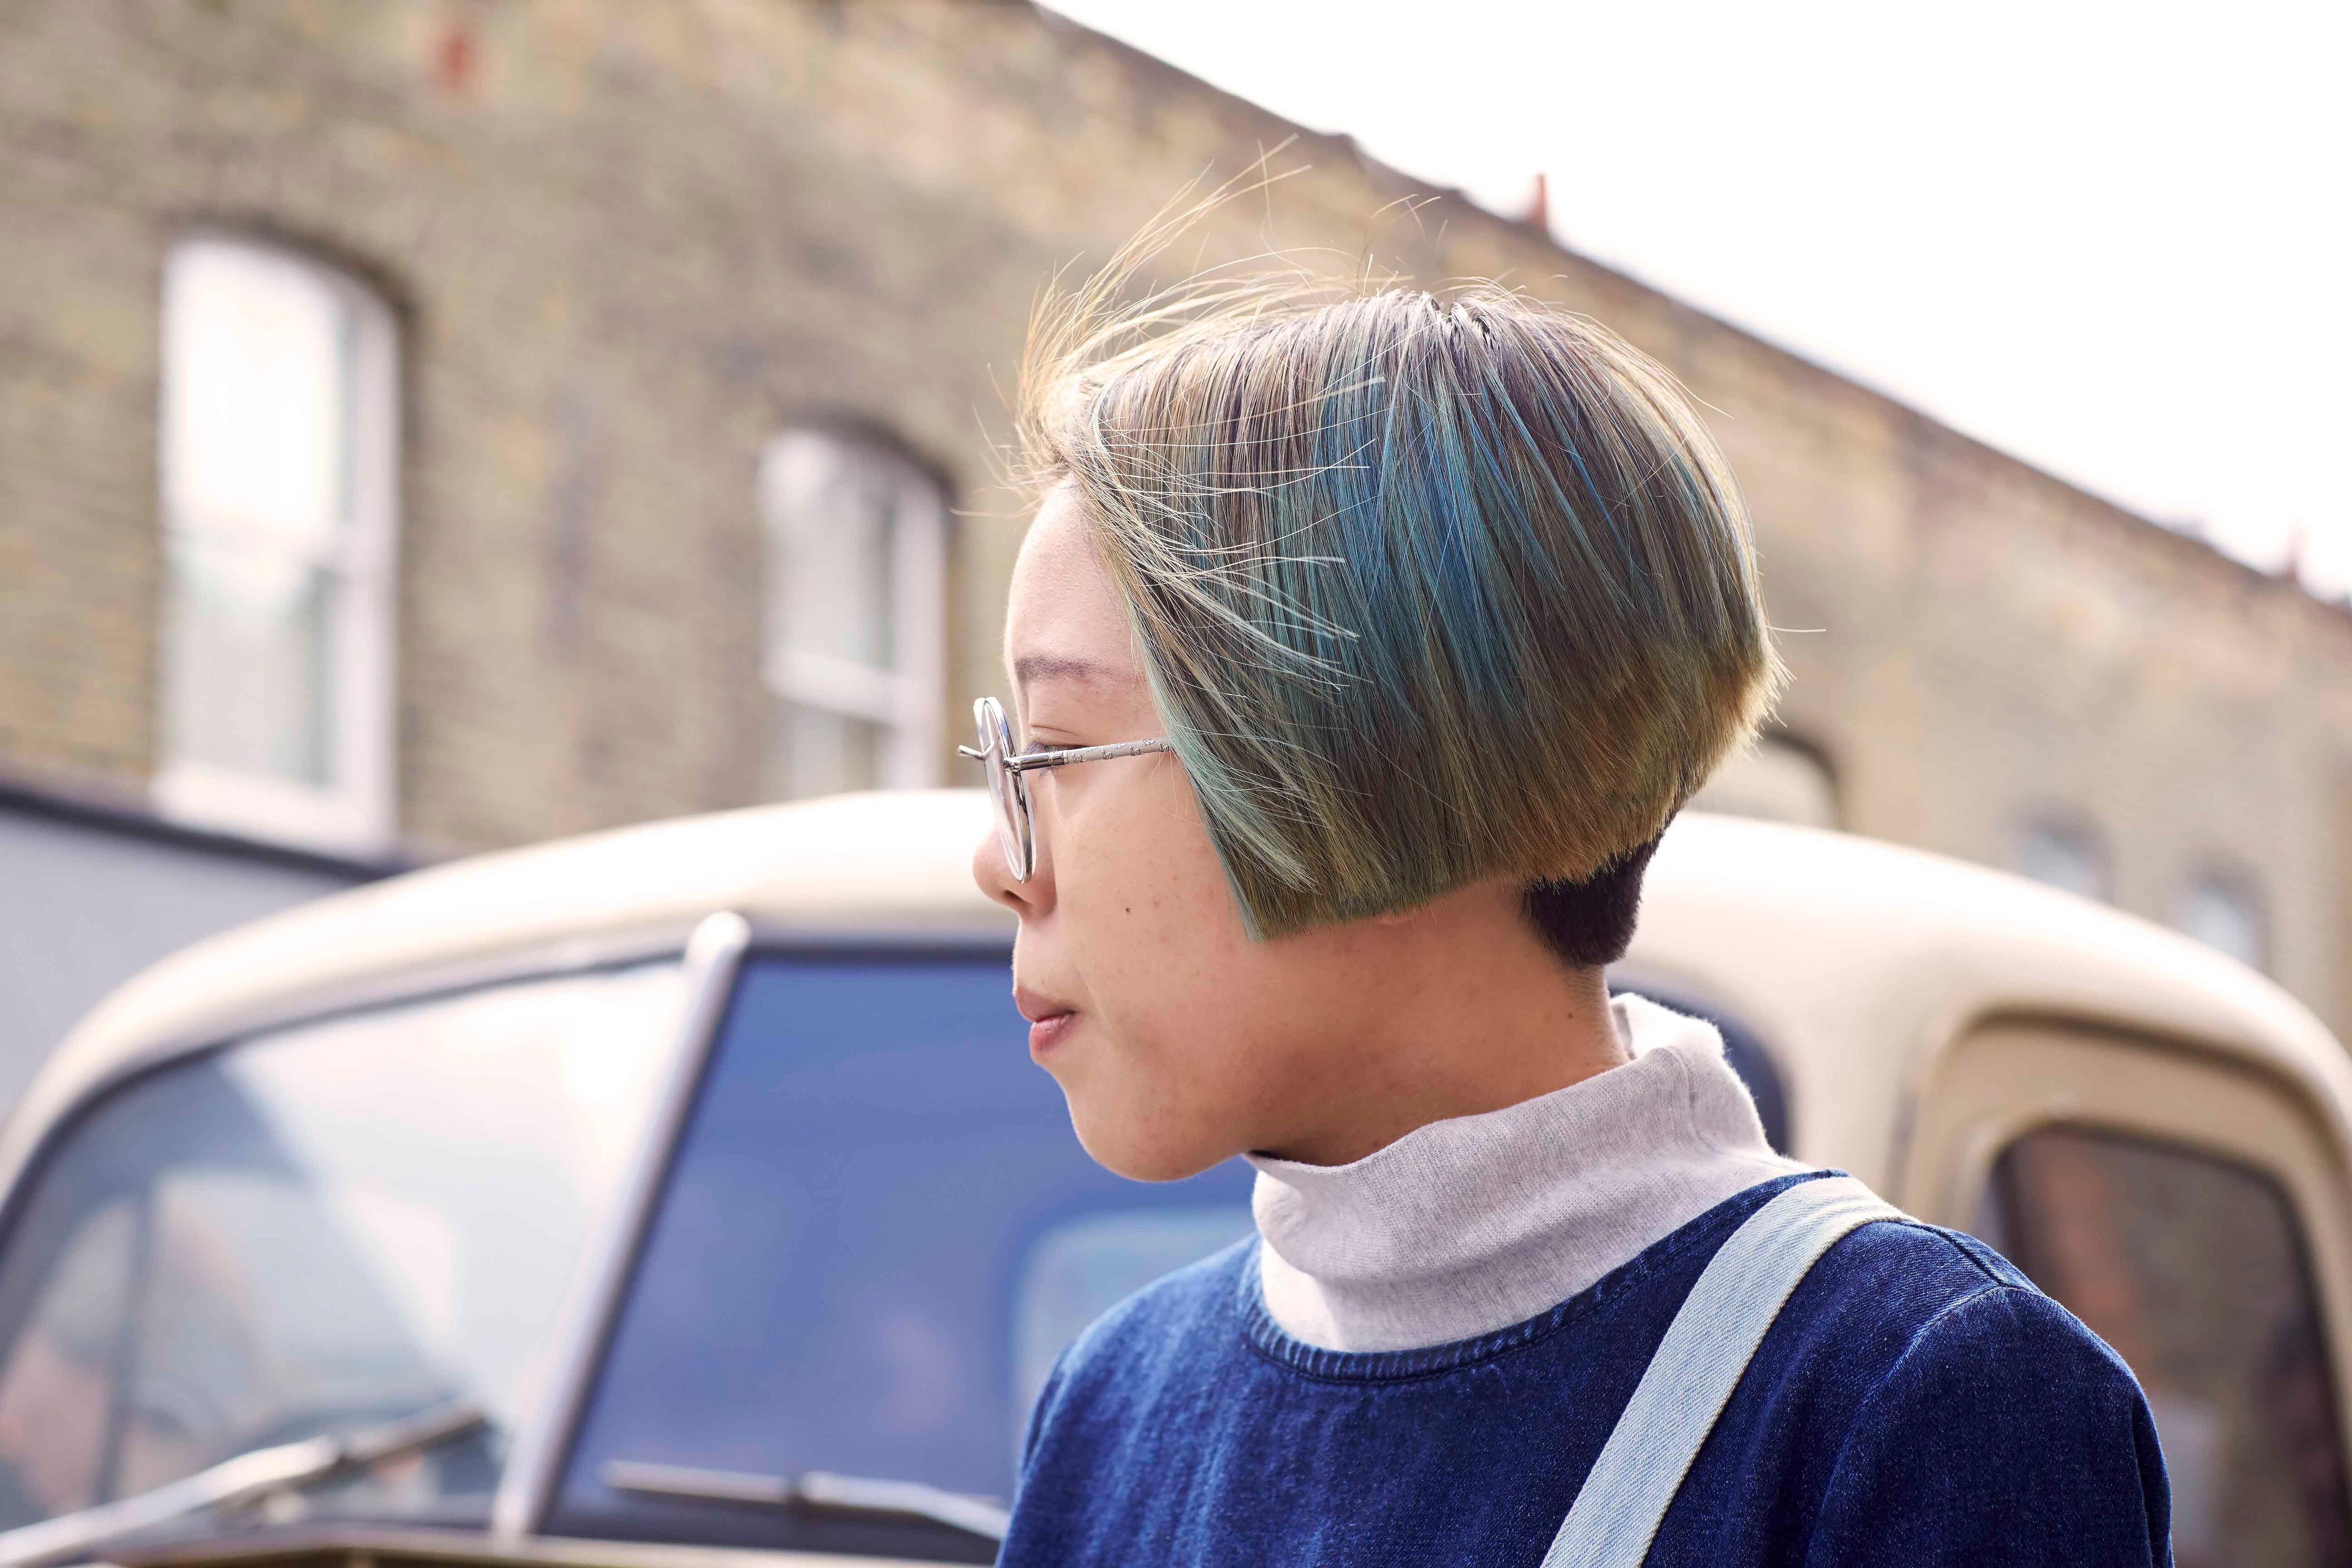 русалочьи волосы